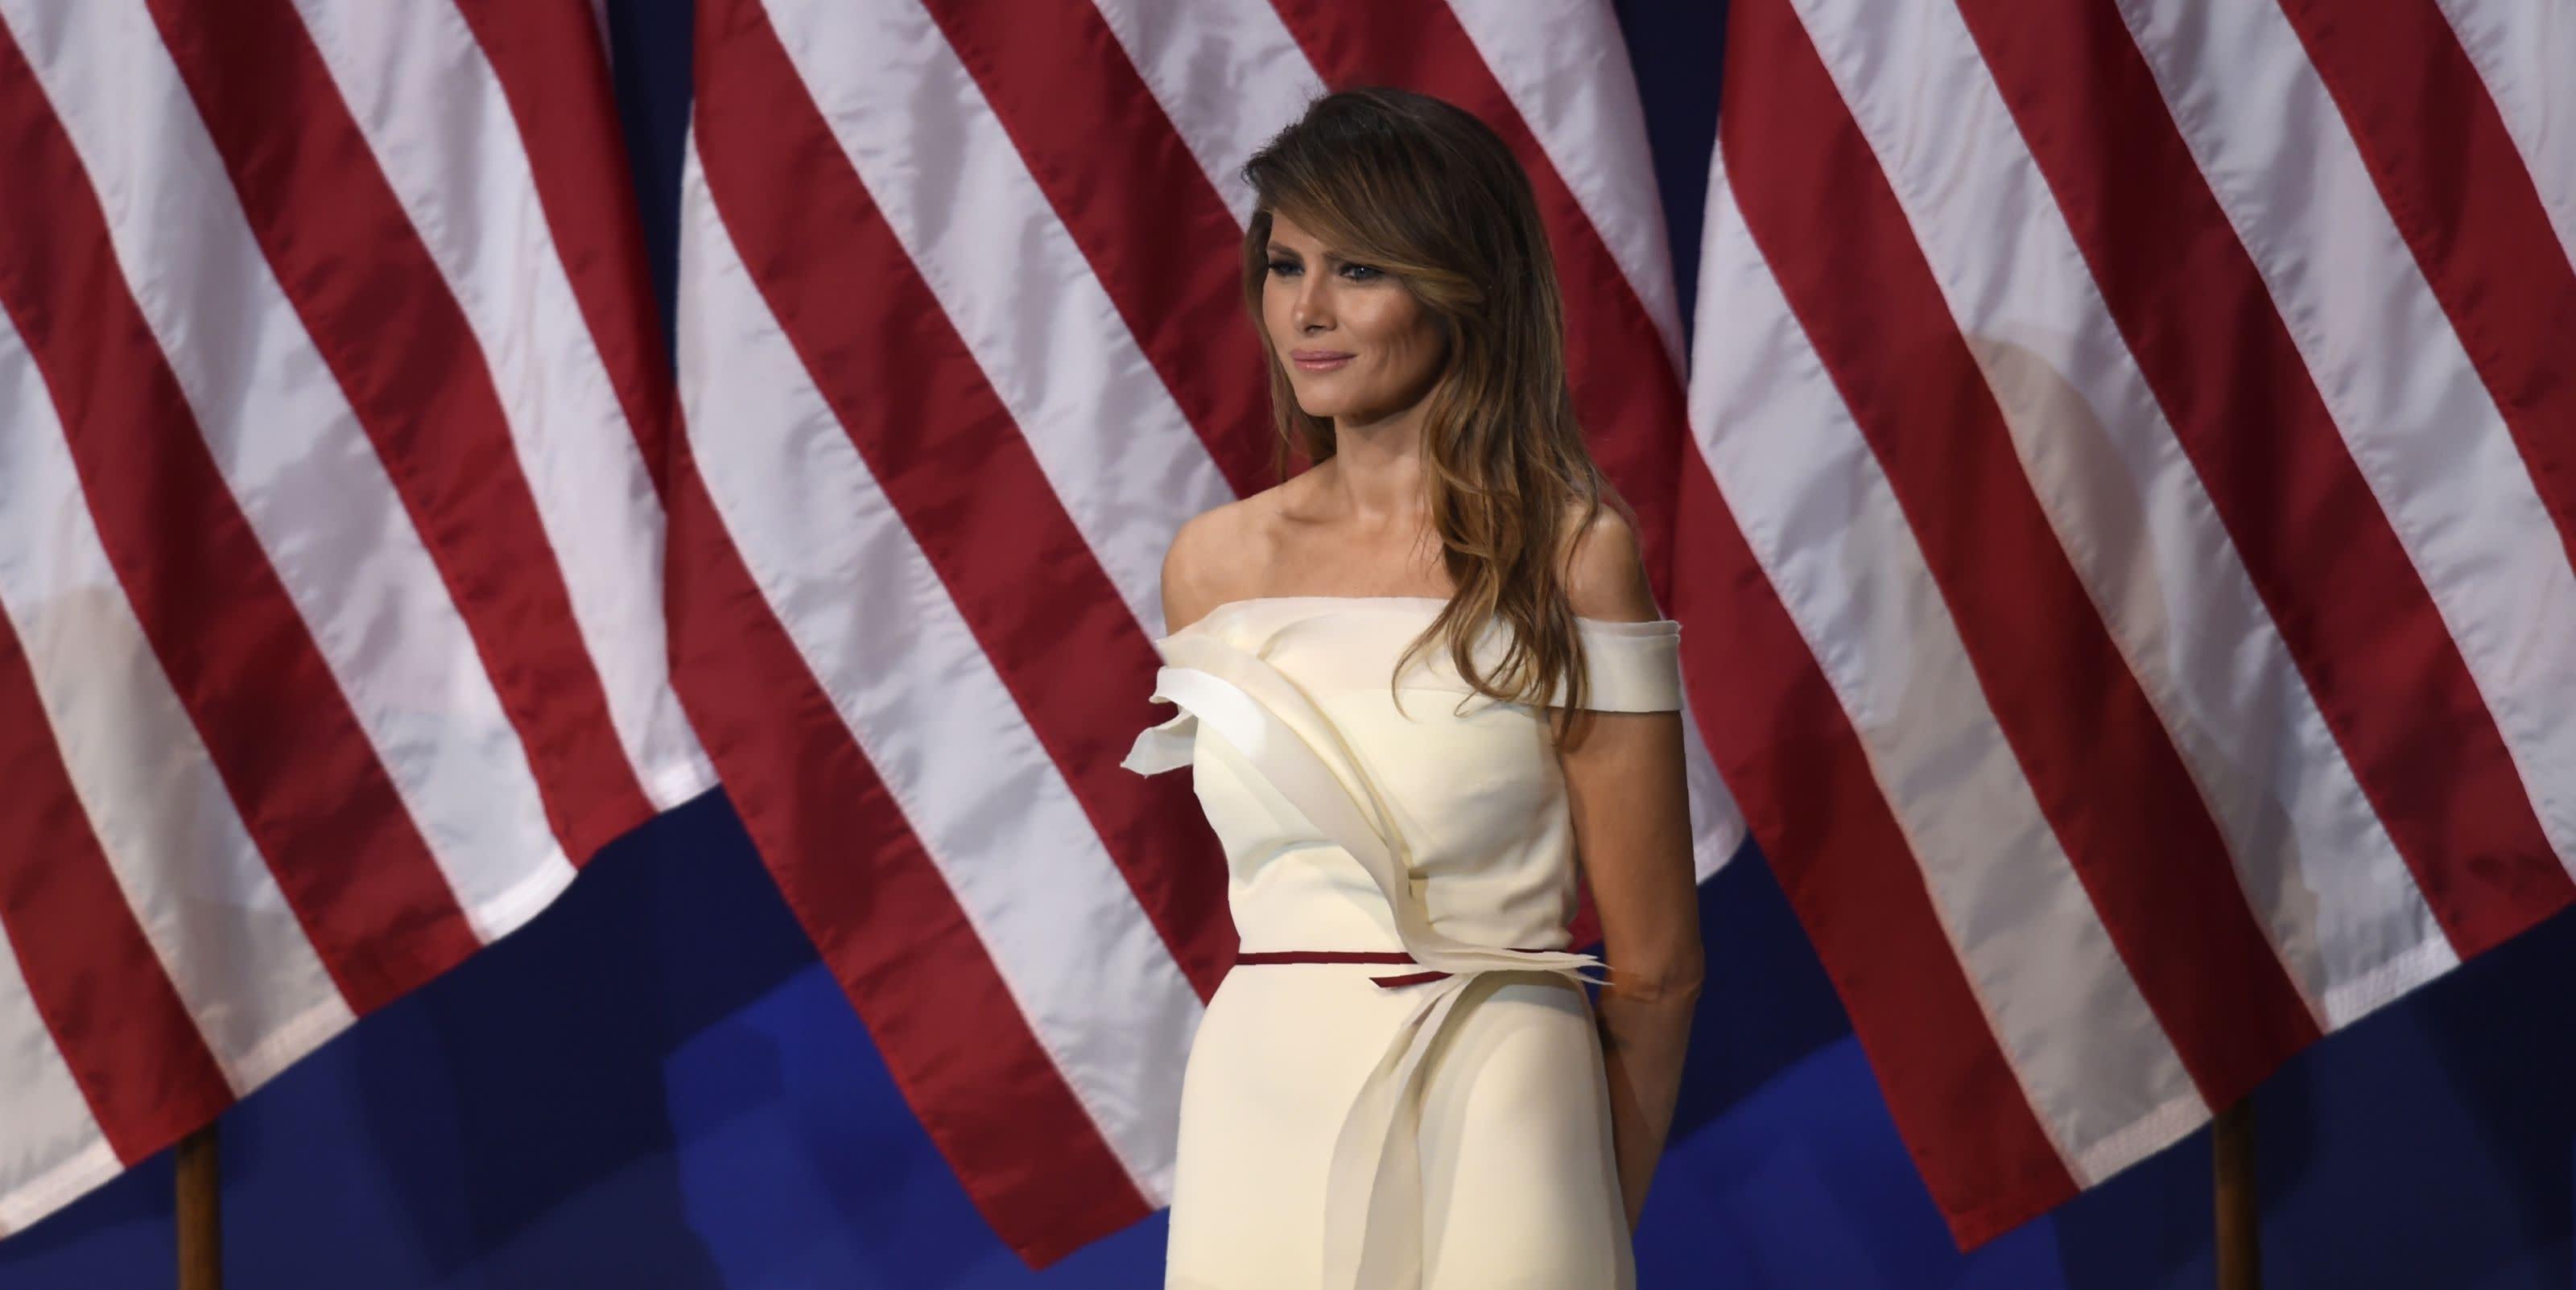 Melania Trump Hires An Interior Designer To Redecorate The